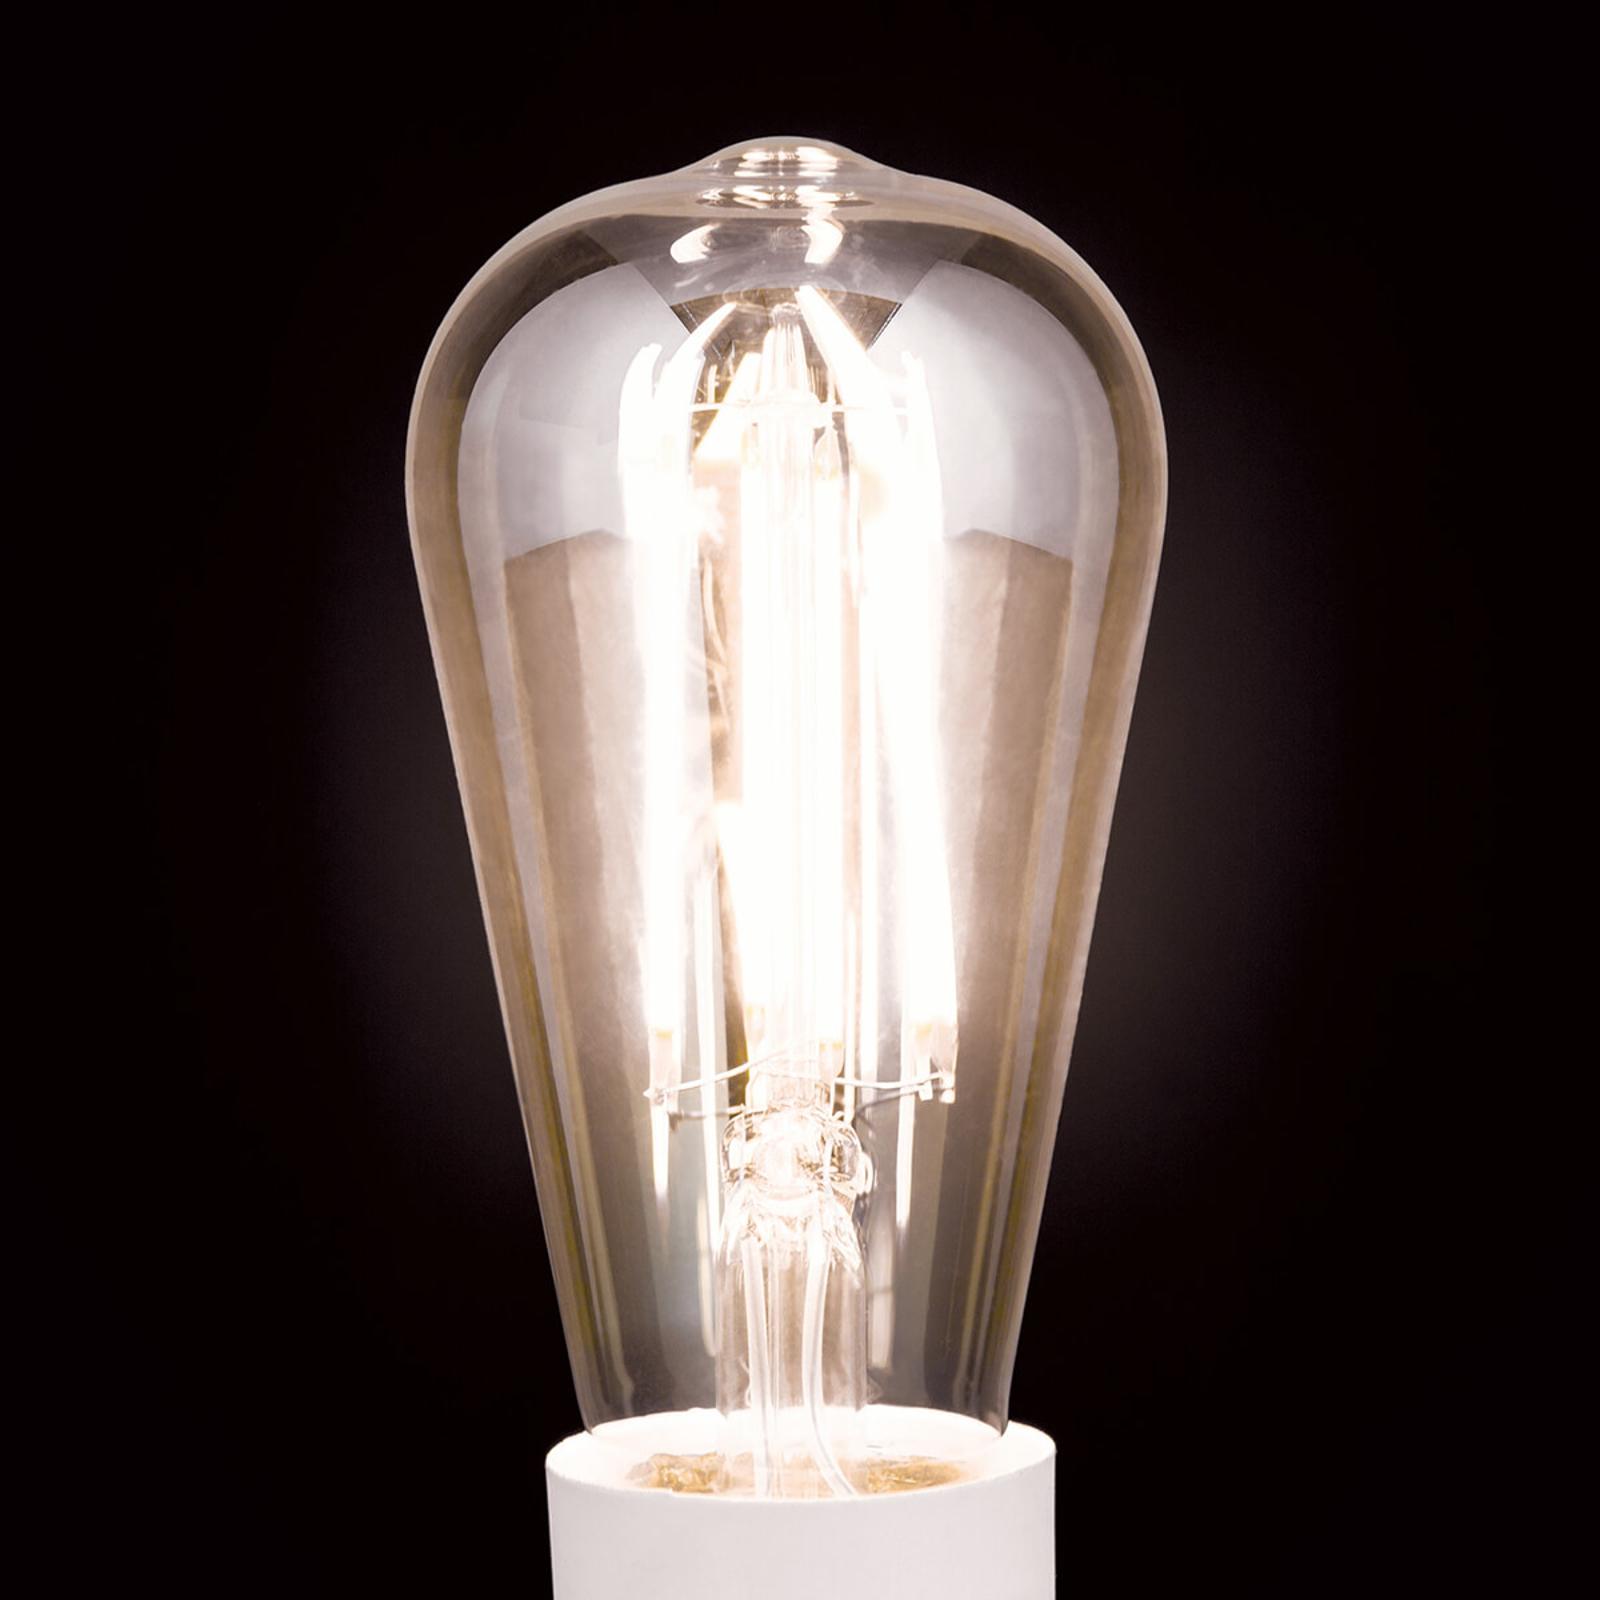 LED-pære rustikk E27 7W, varmhvit, dimbar